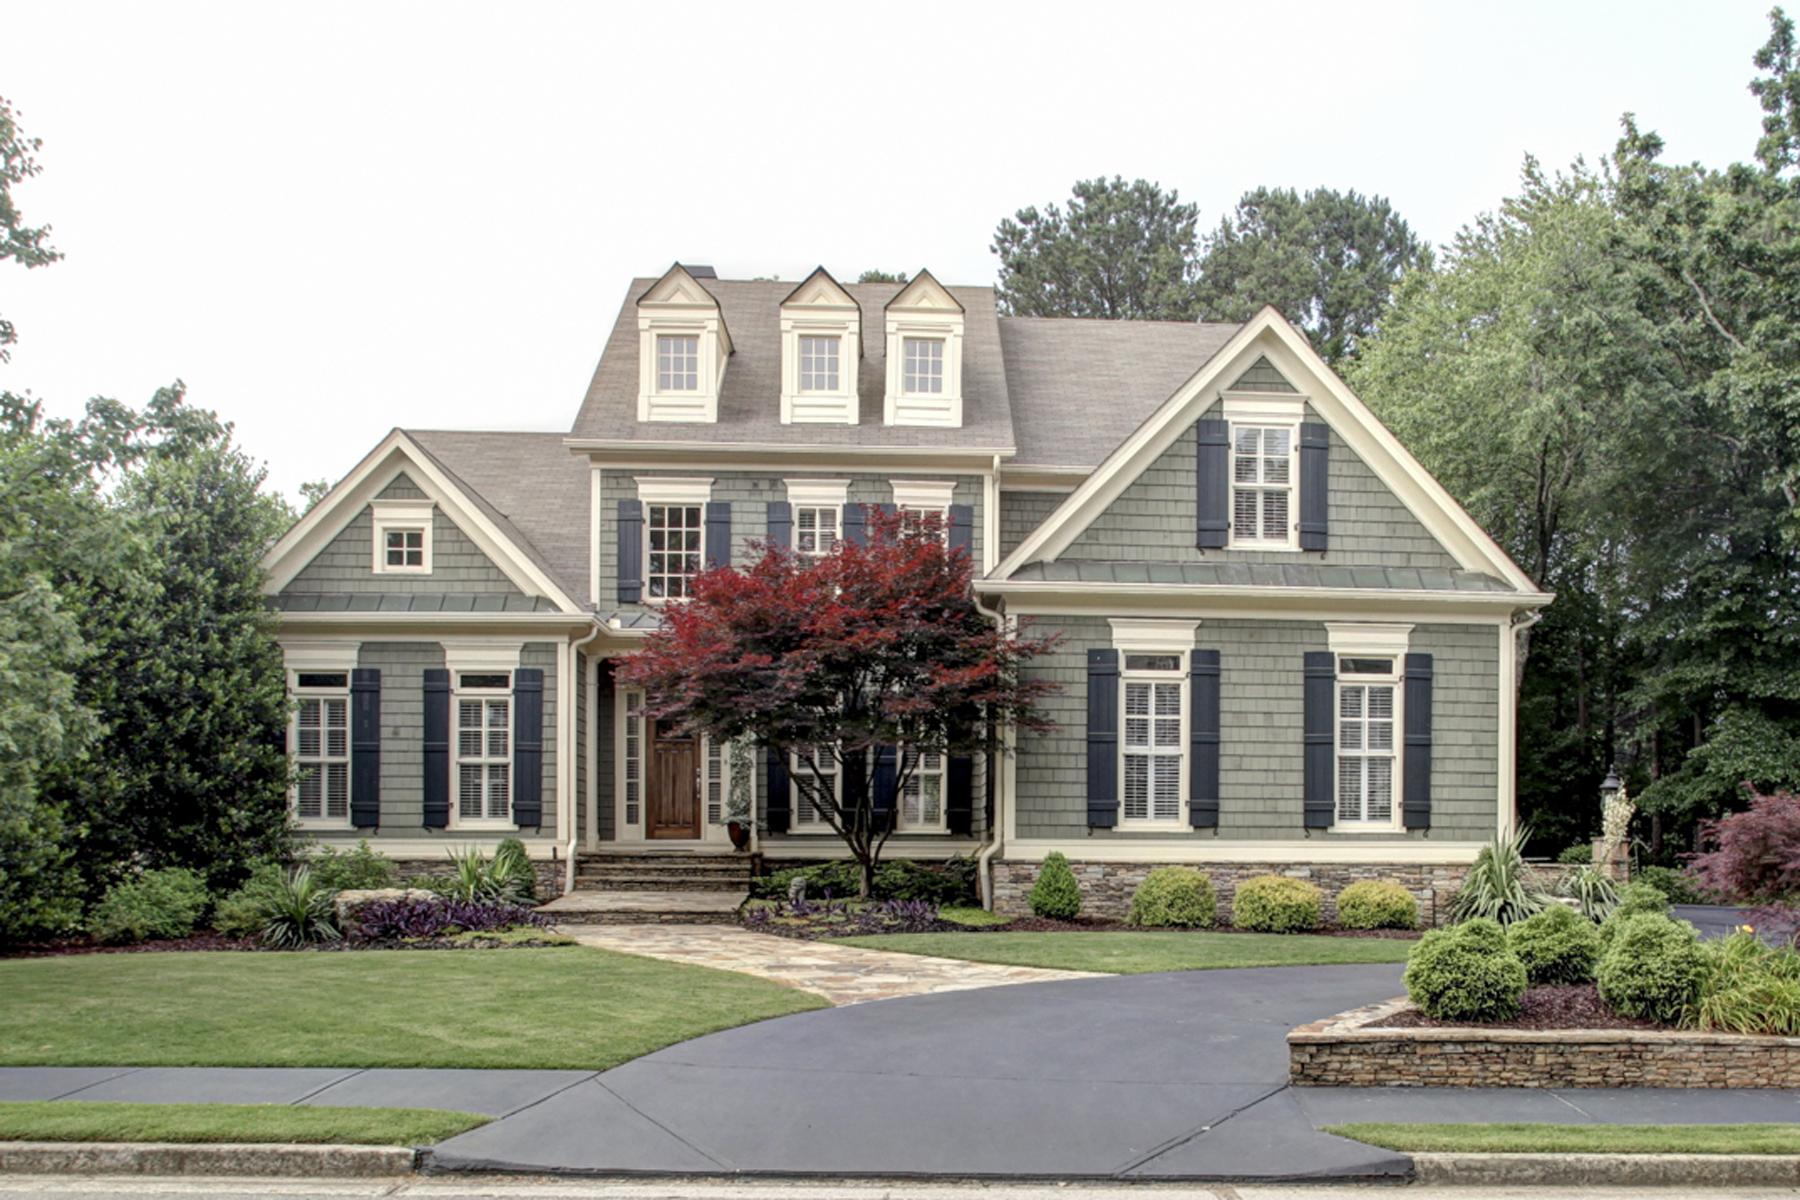 Частный односемейный дом для того Продажа на Fantastic Home In Amazing Garden Setting 640 Tabbystone Street NW Marietta, Джорджия, 30064 Соединенные Штаты